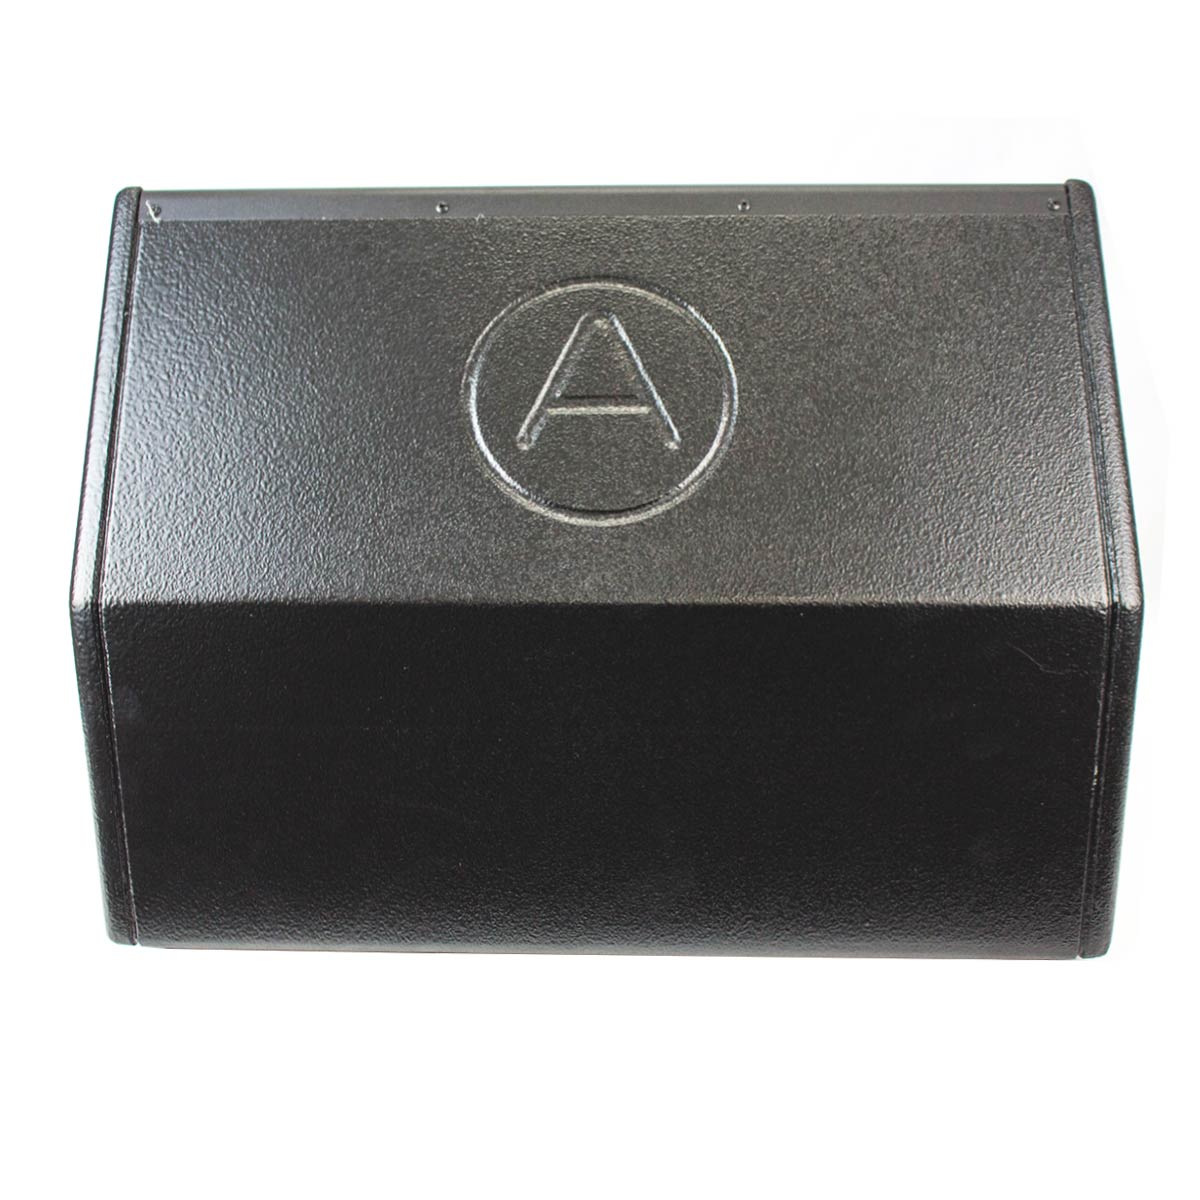 Monitor Ativo Fal 12 Pol 200W - MR 12 A Antera